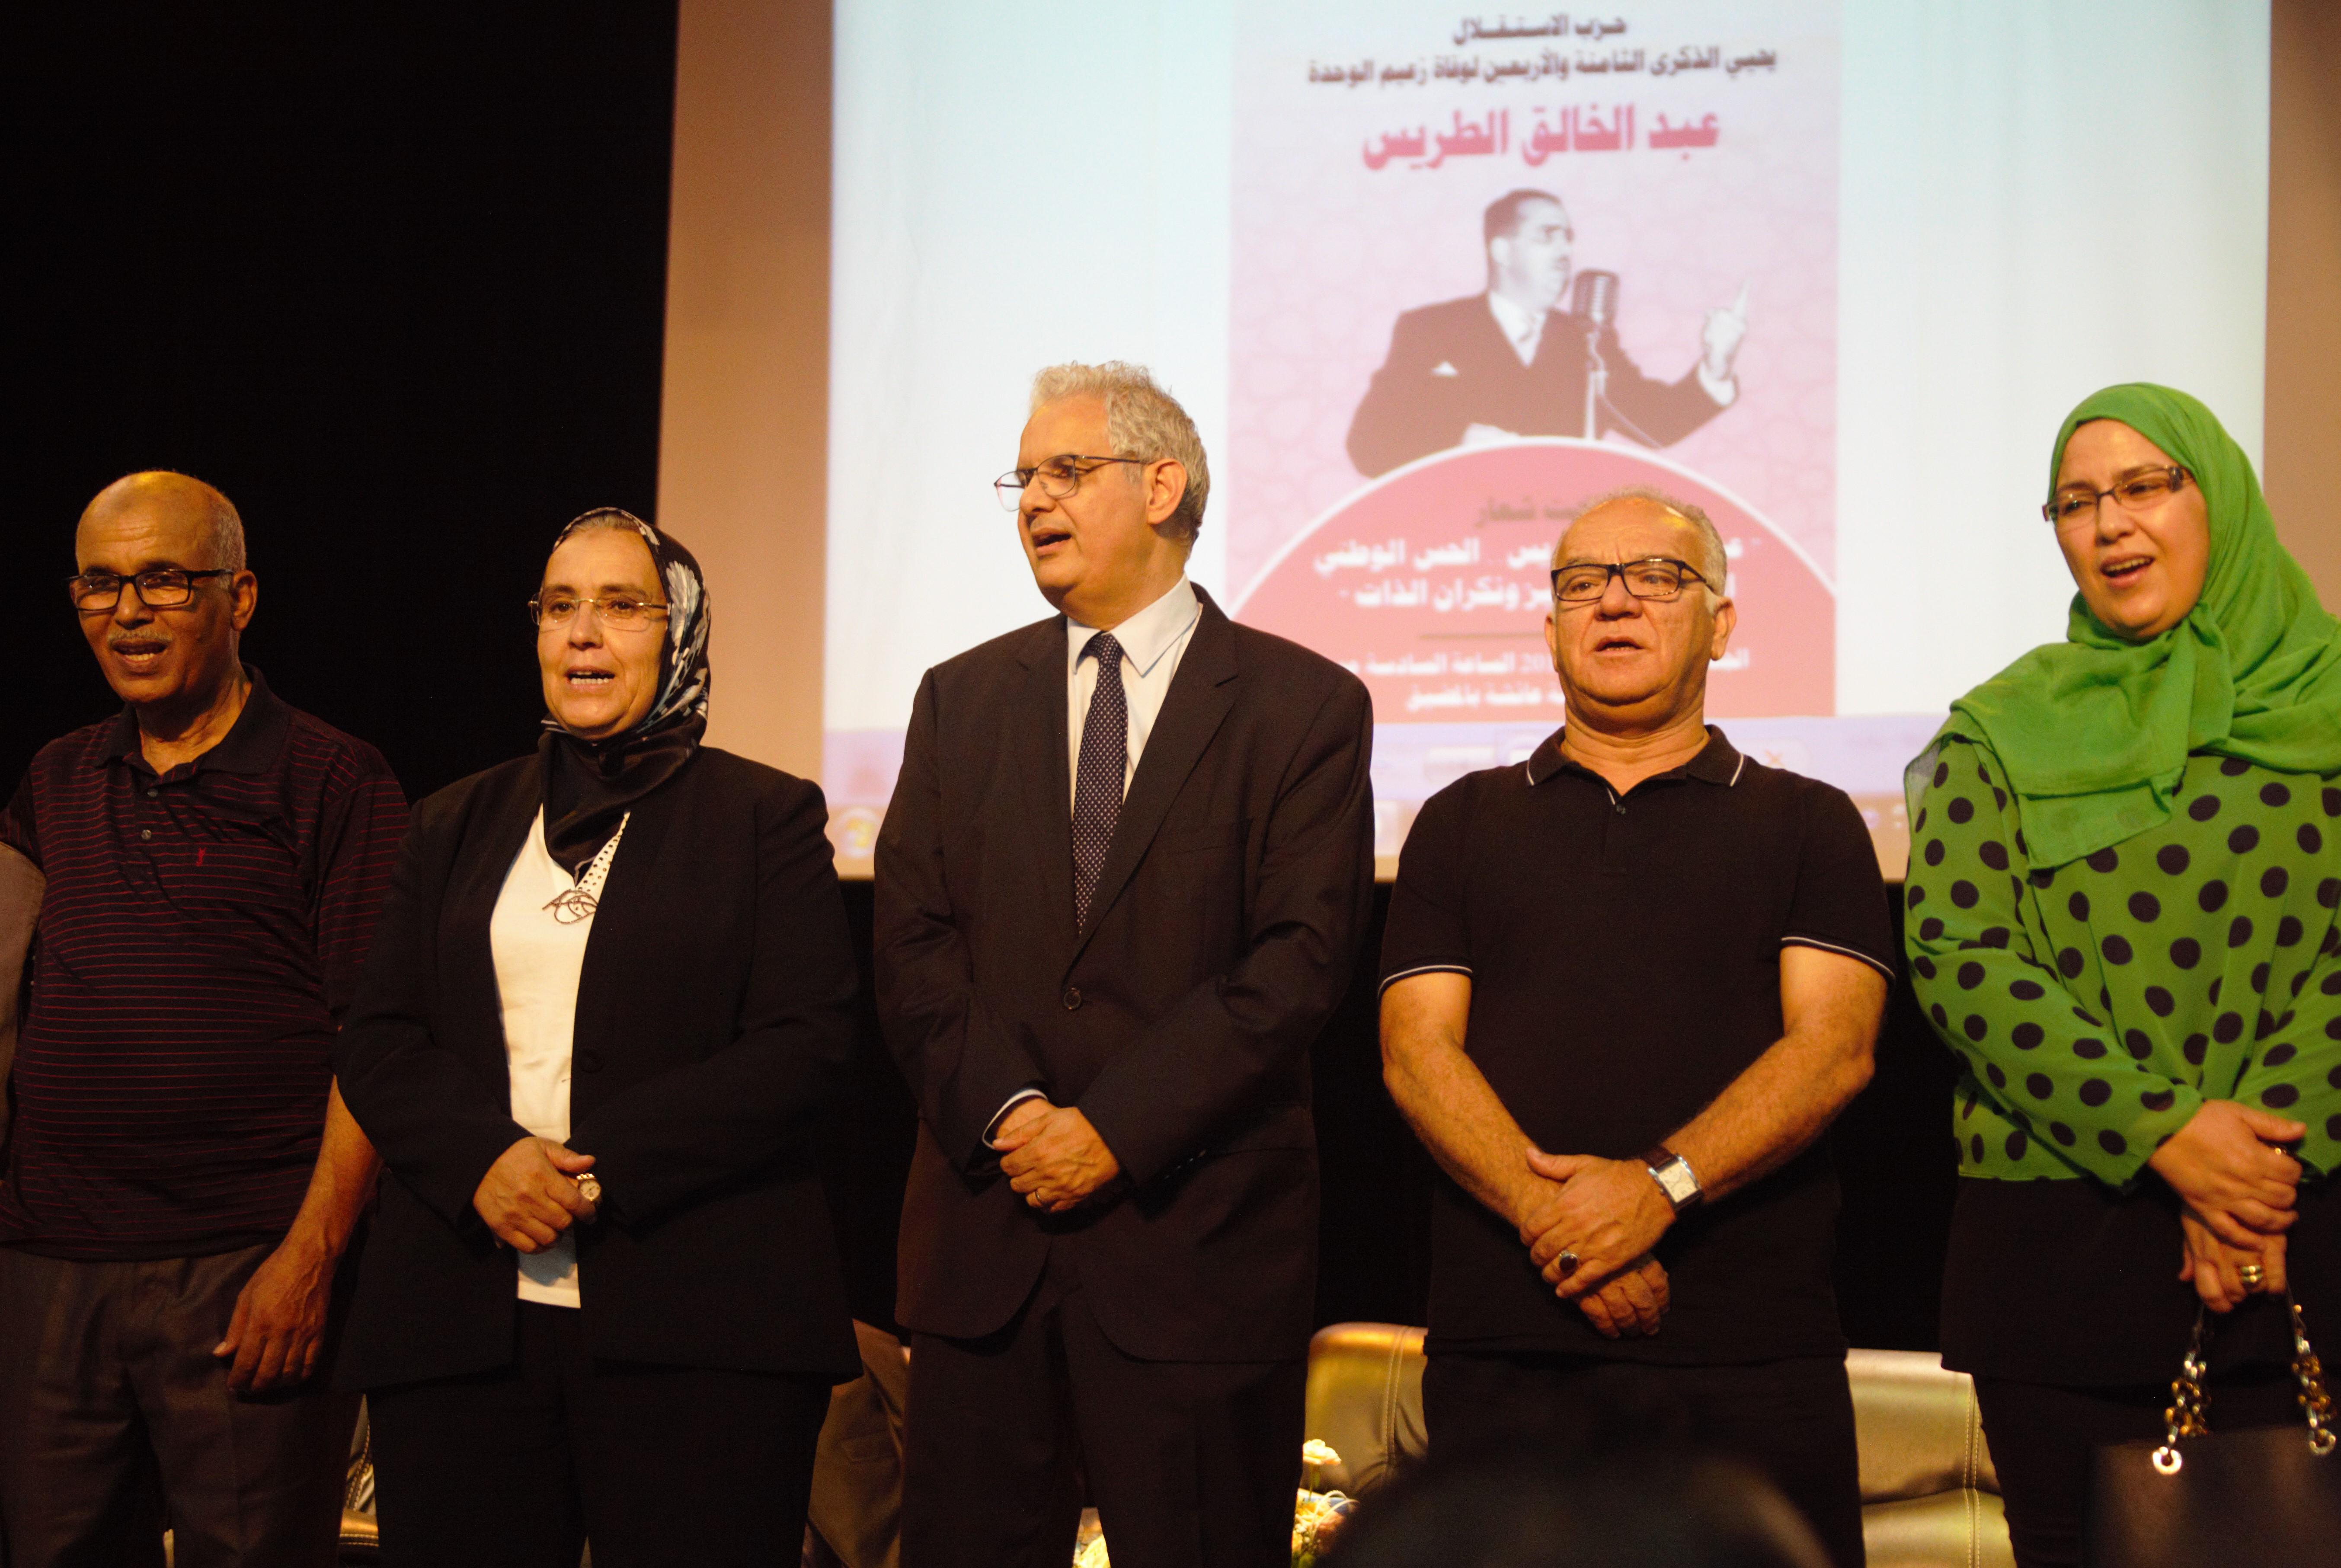 الأمين العام لحزب الاستقلال: عبد الخالق الطريس..حياة مليئة بالتضحية والبذل والعطاء